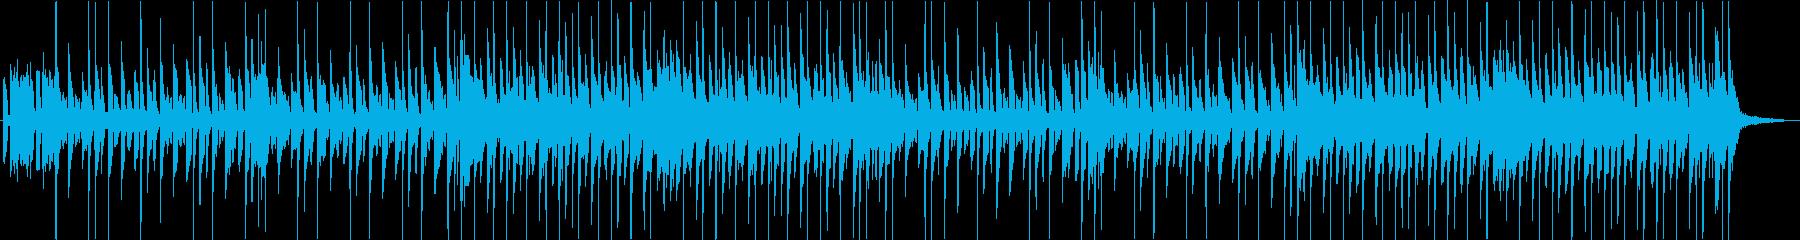 ほのぼの木琴のキッズBGMの再生済みの波形